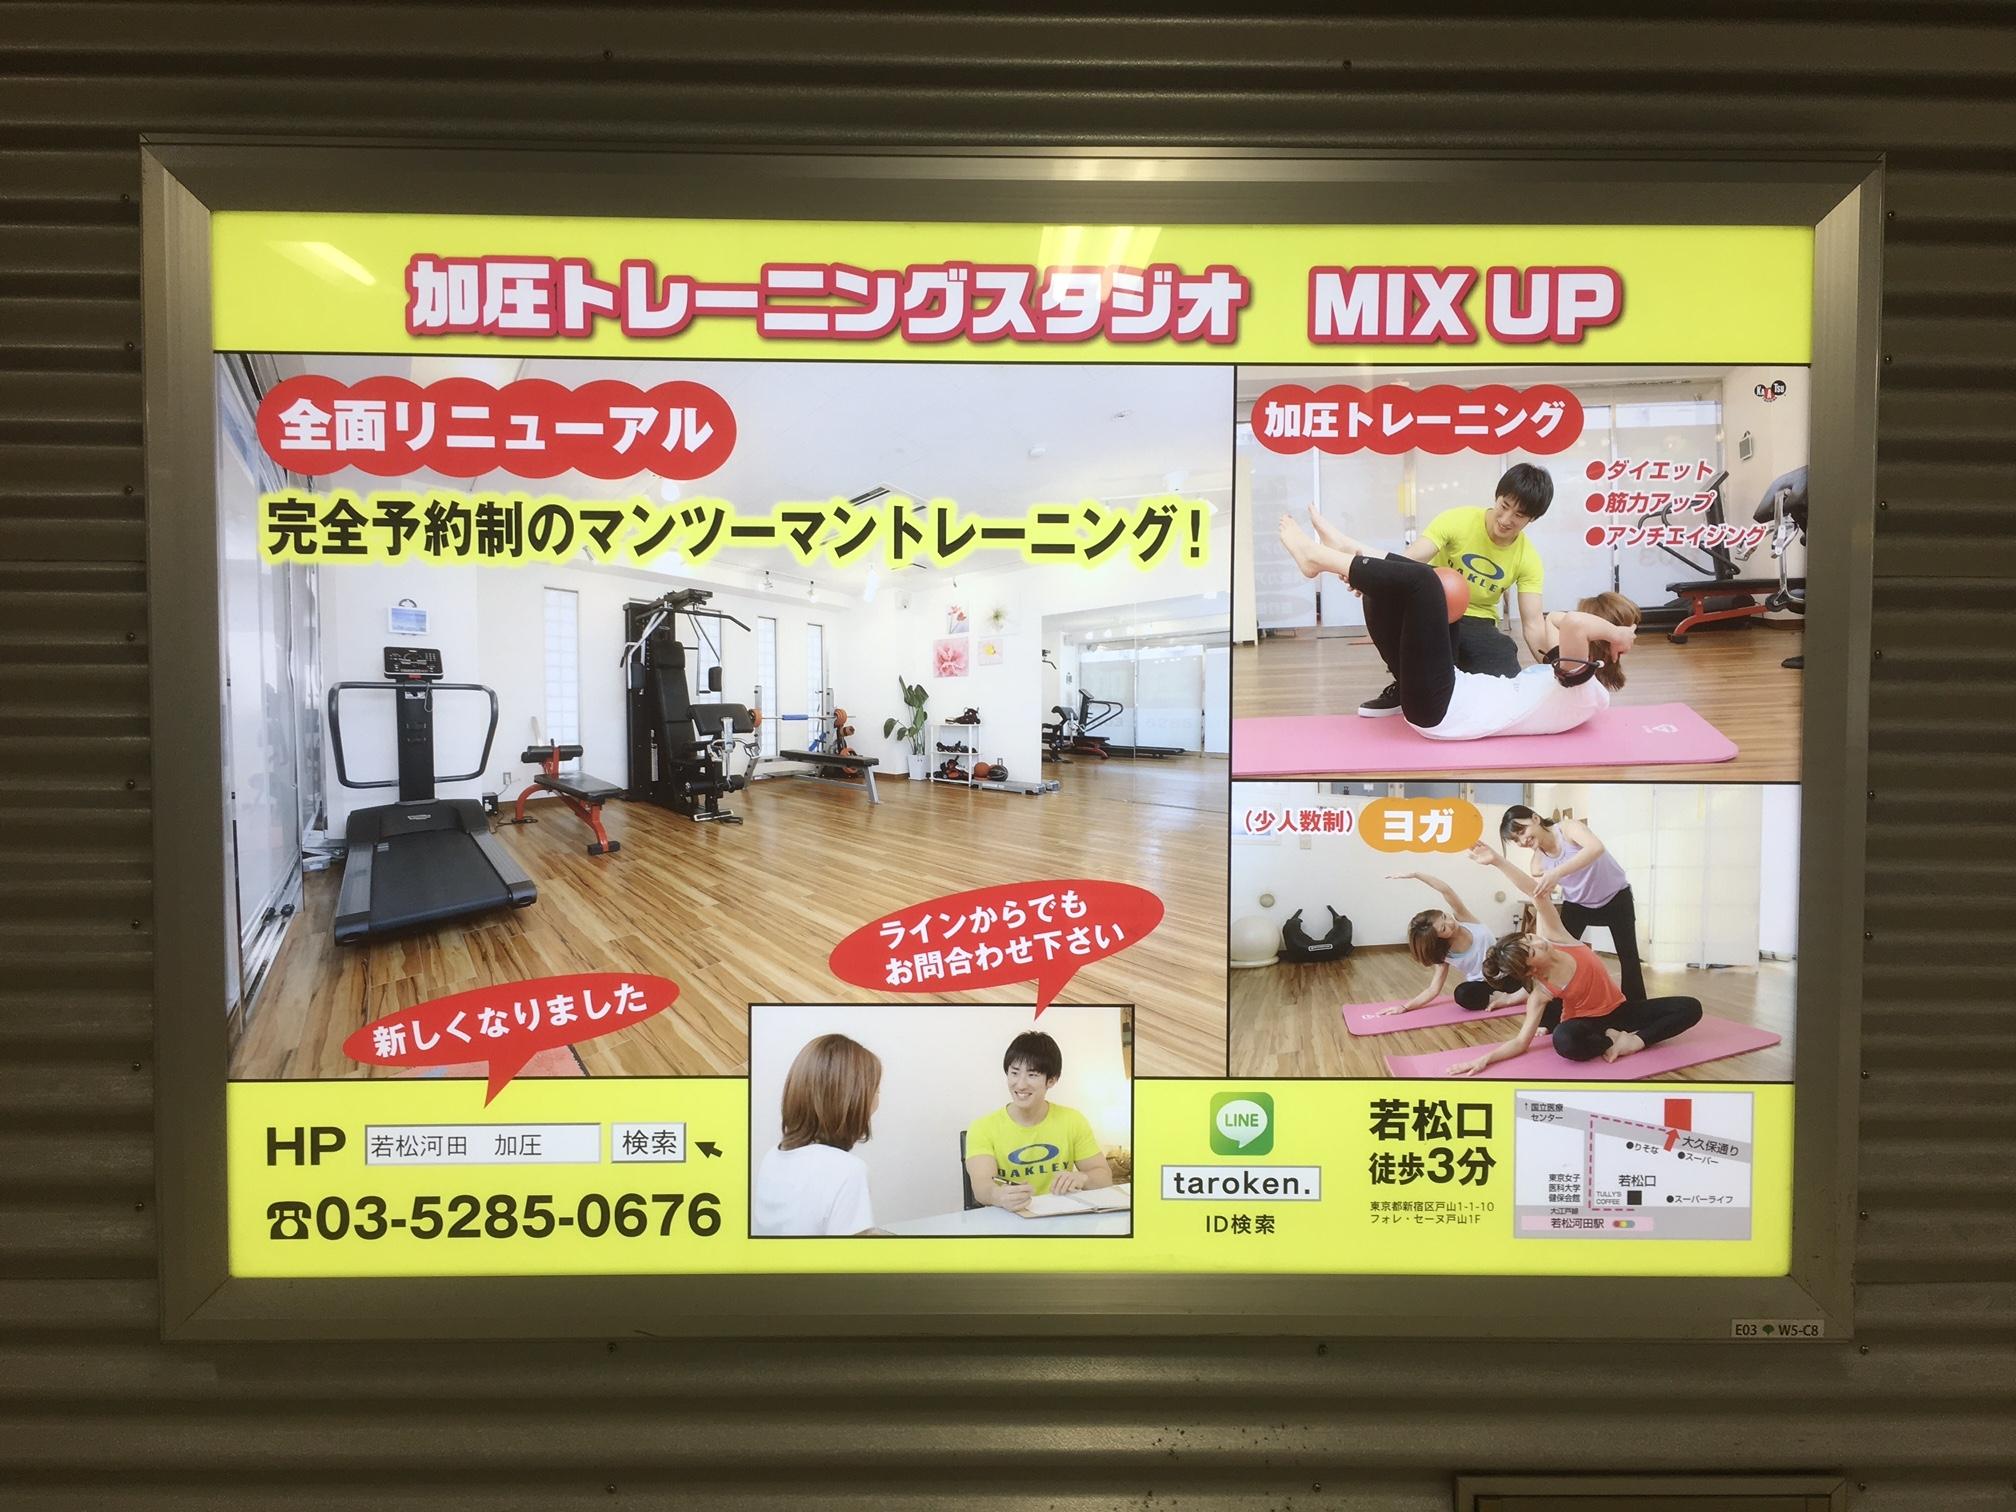 若松河田、神楽坂、東新宿、牛込柳町、駅の看板。